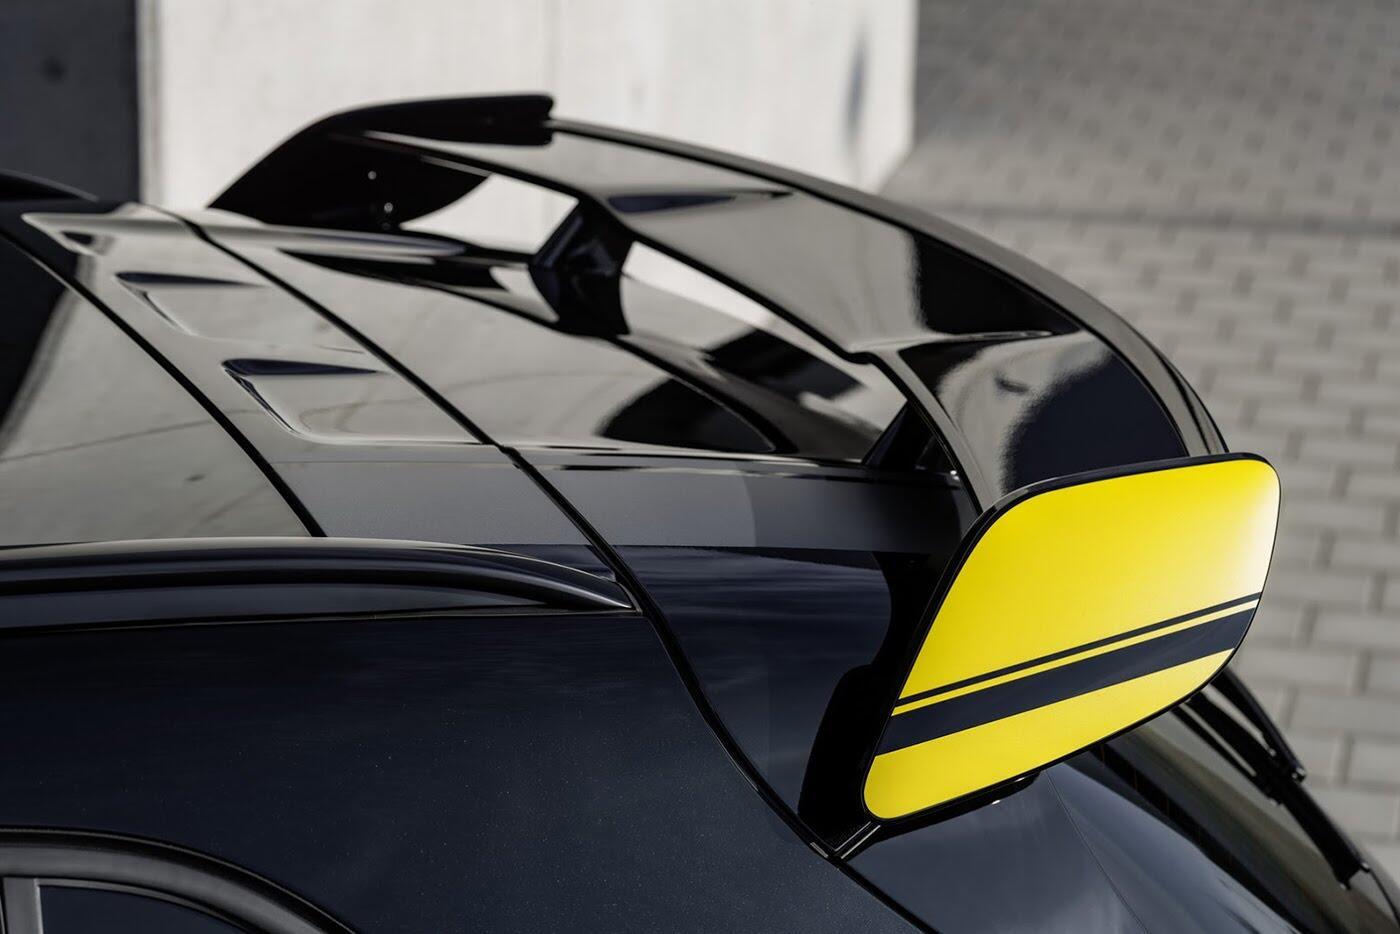 Mercedes GLA bản nâng cấp có giá từ 43.900 USD - Hình 3